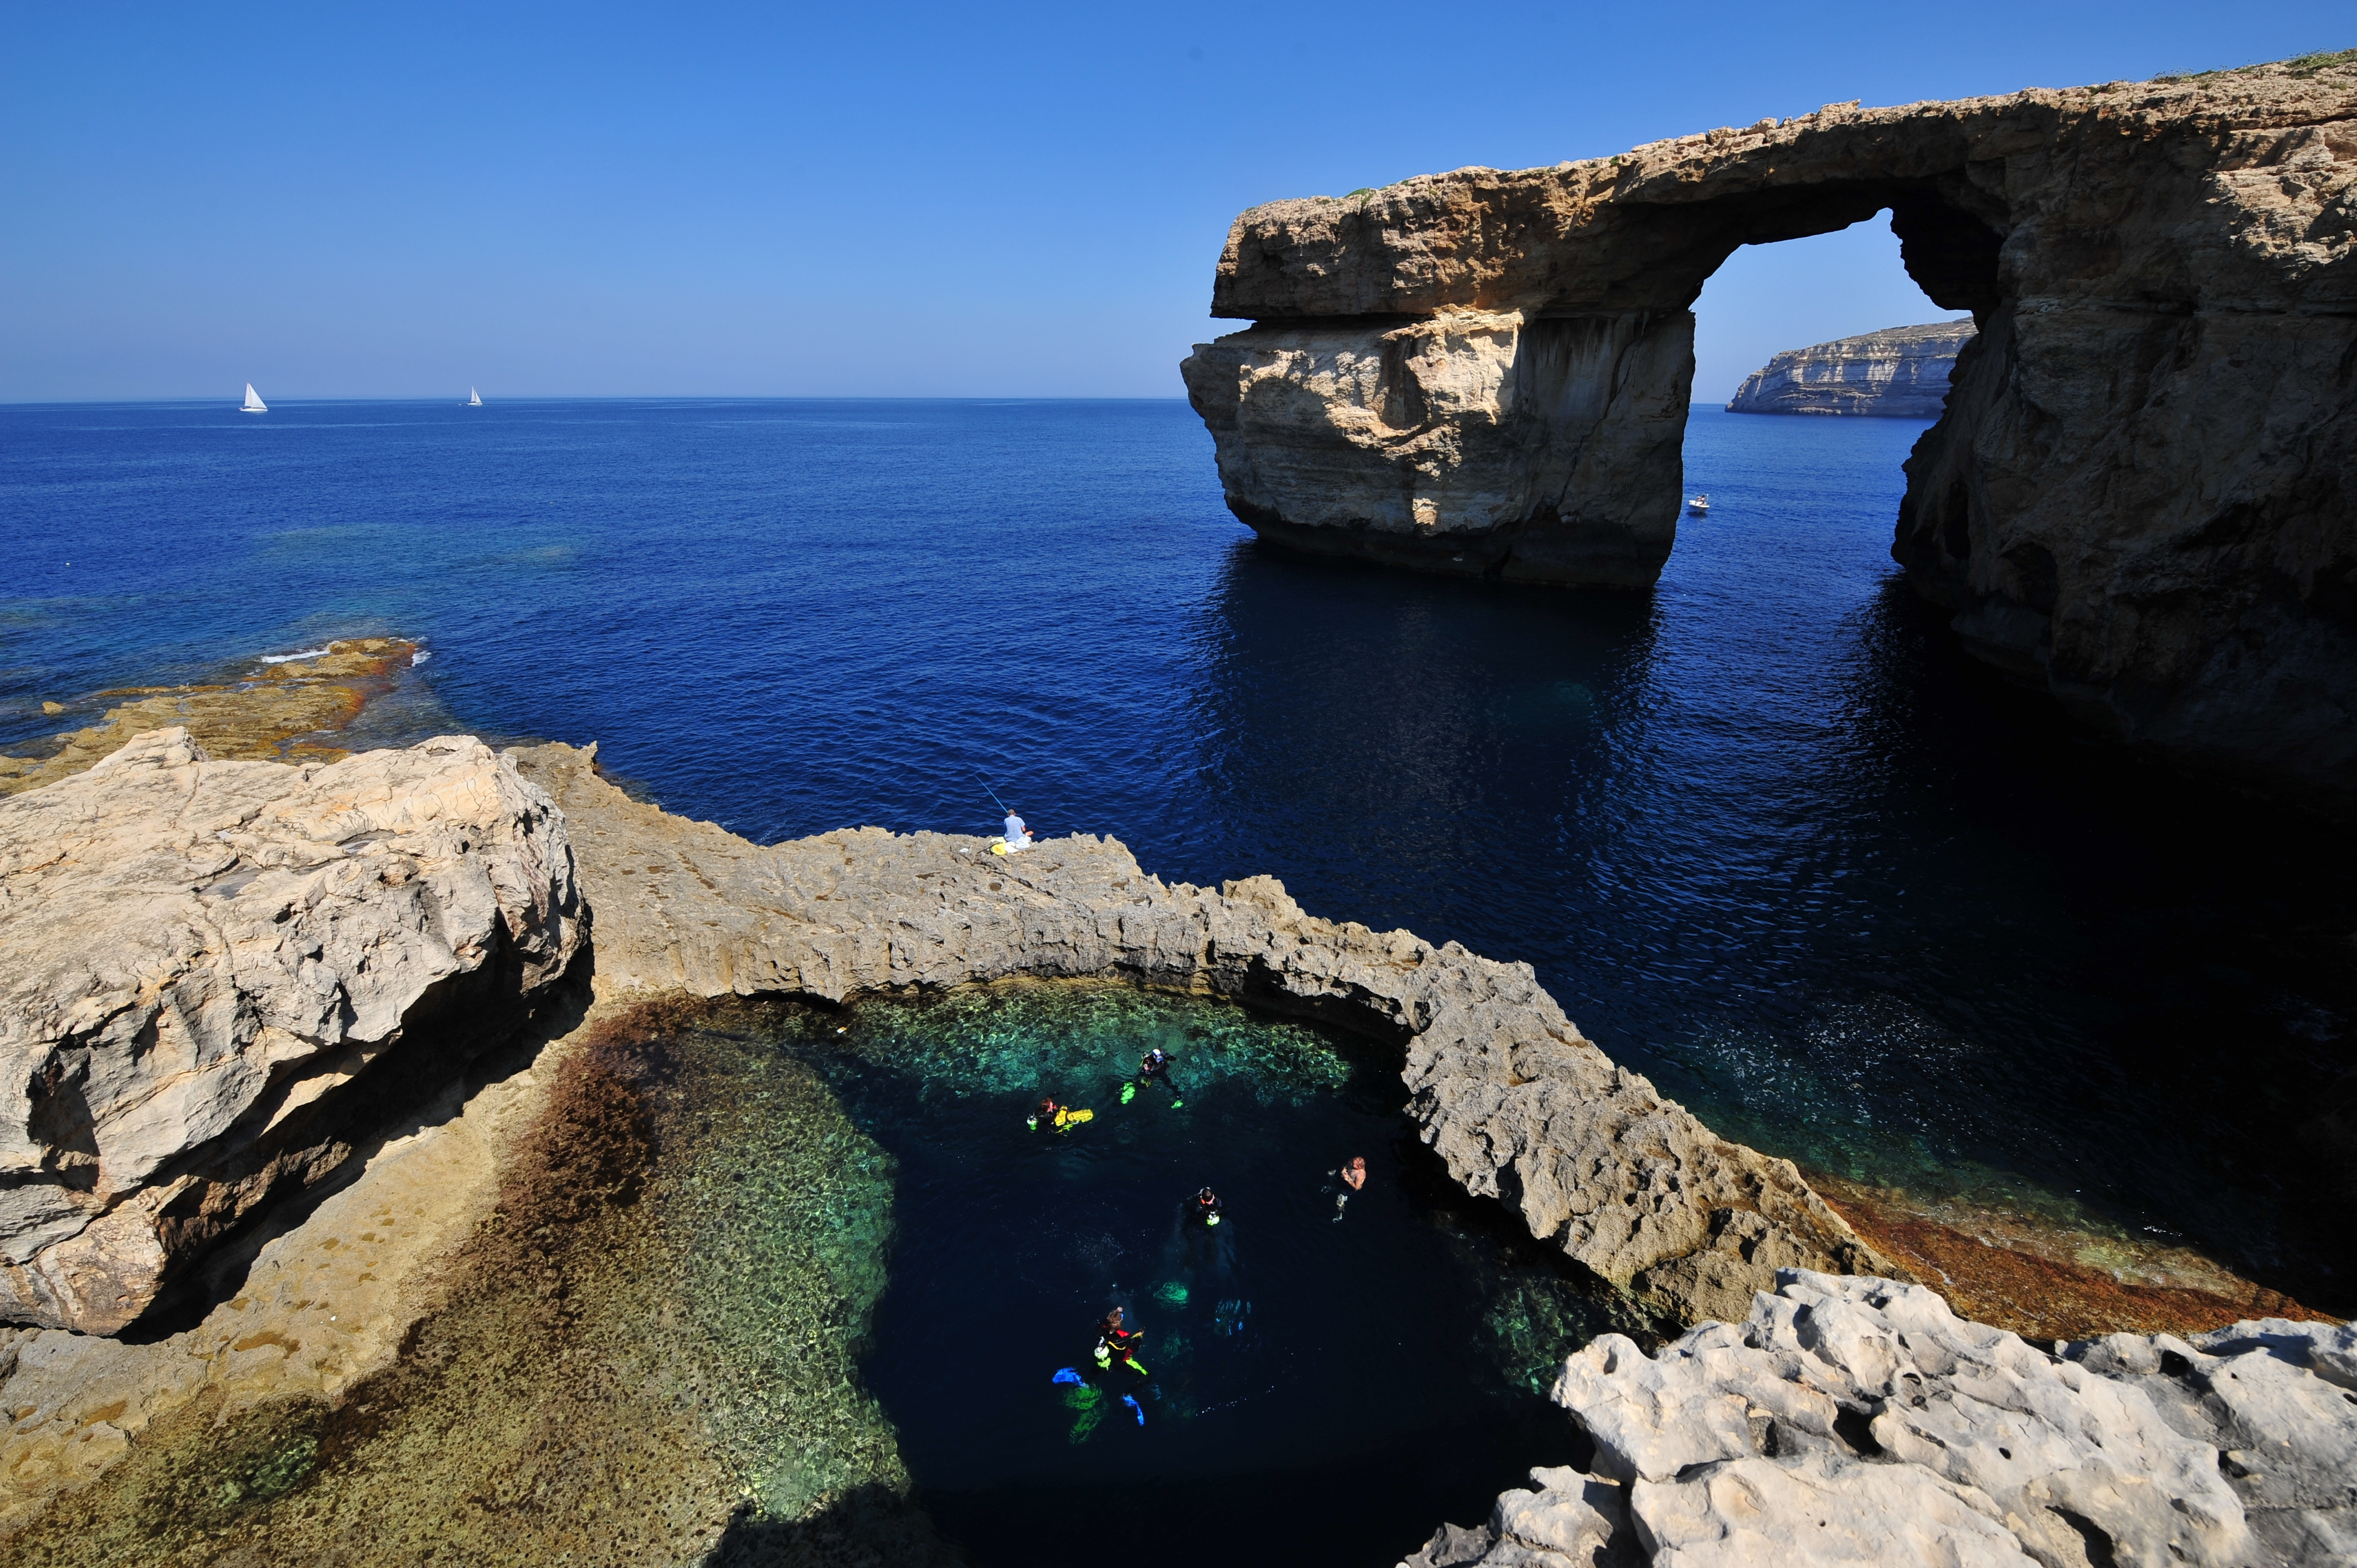 Tour Operator Malta